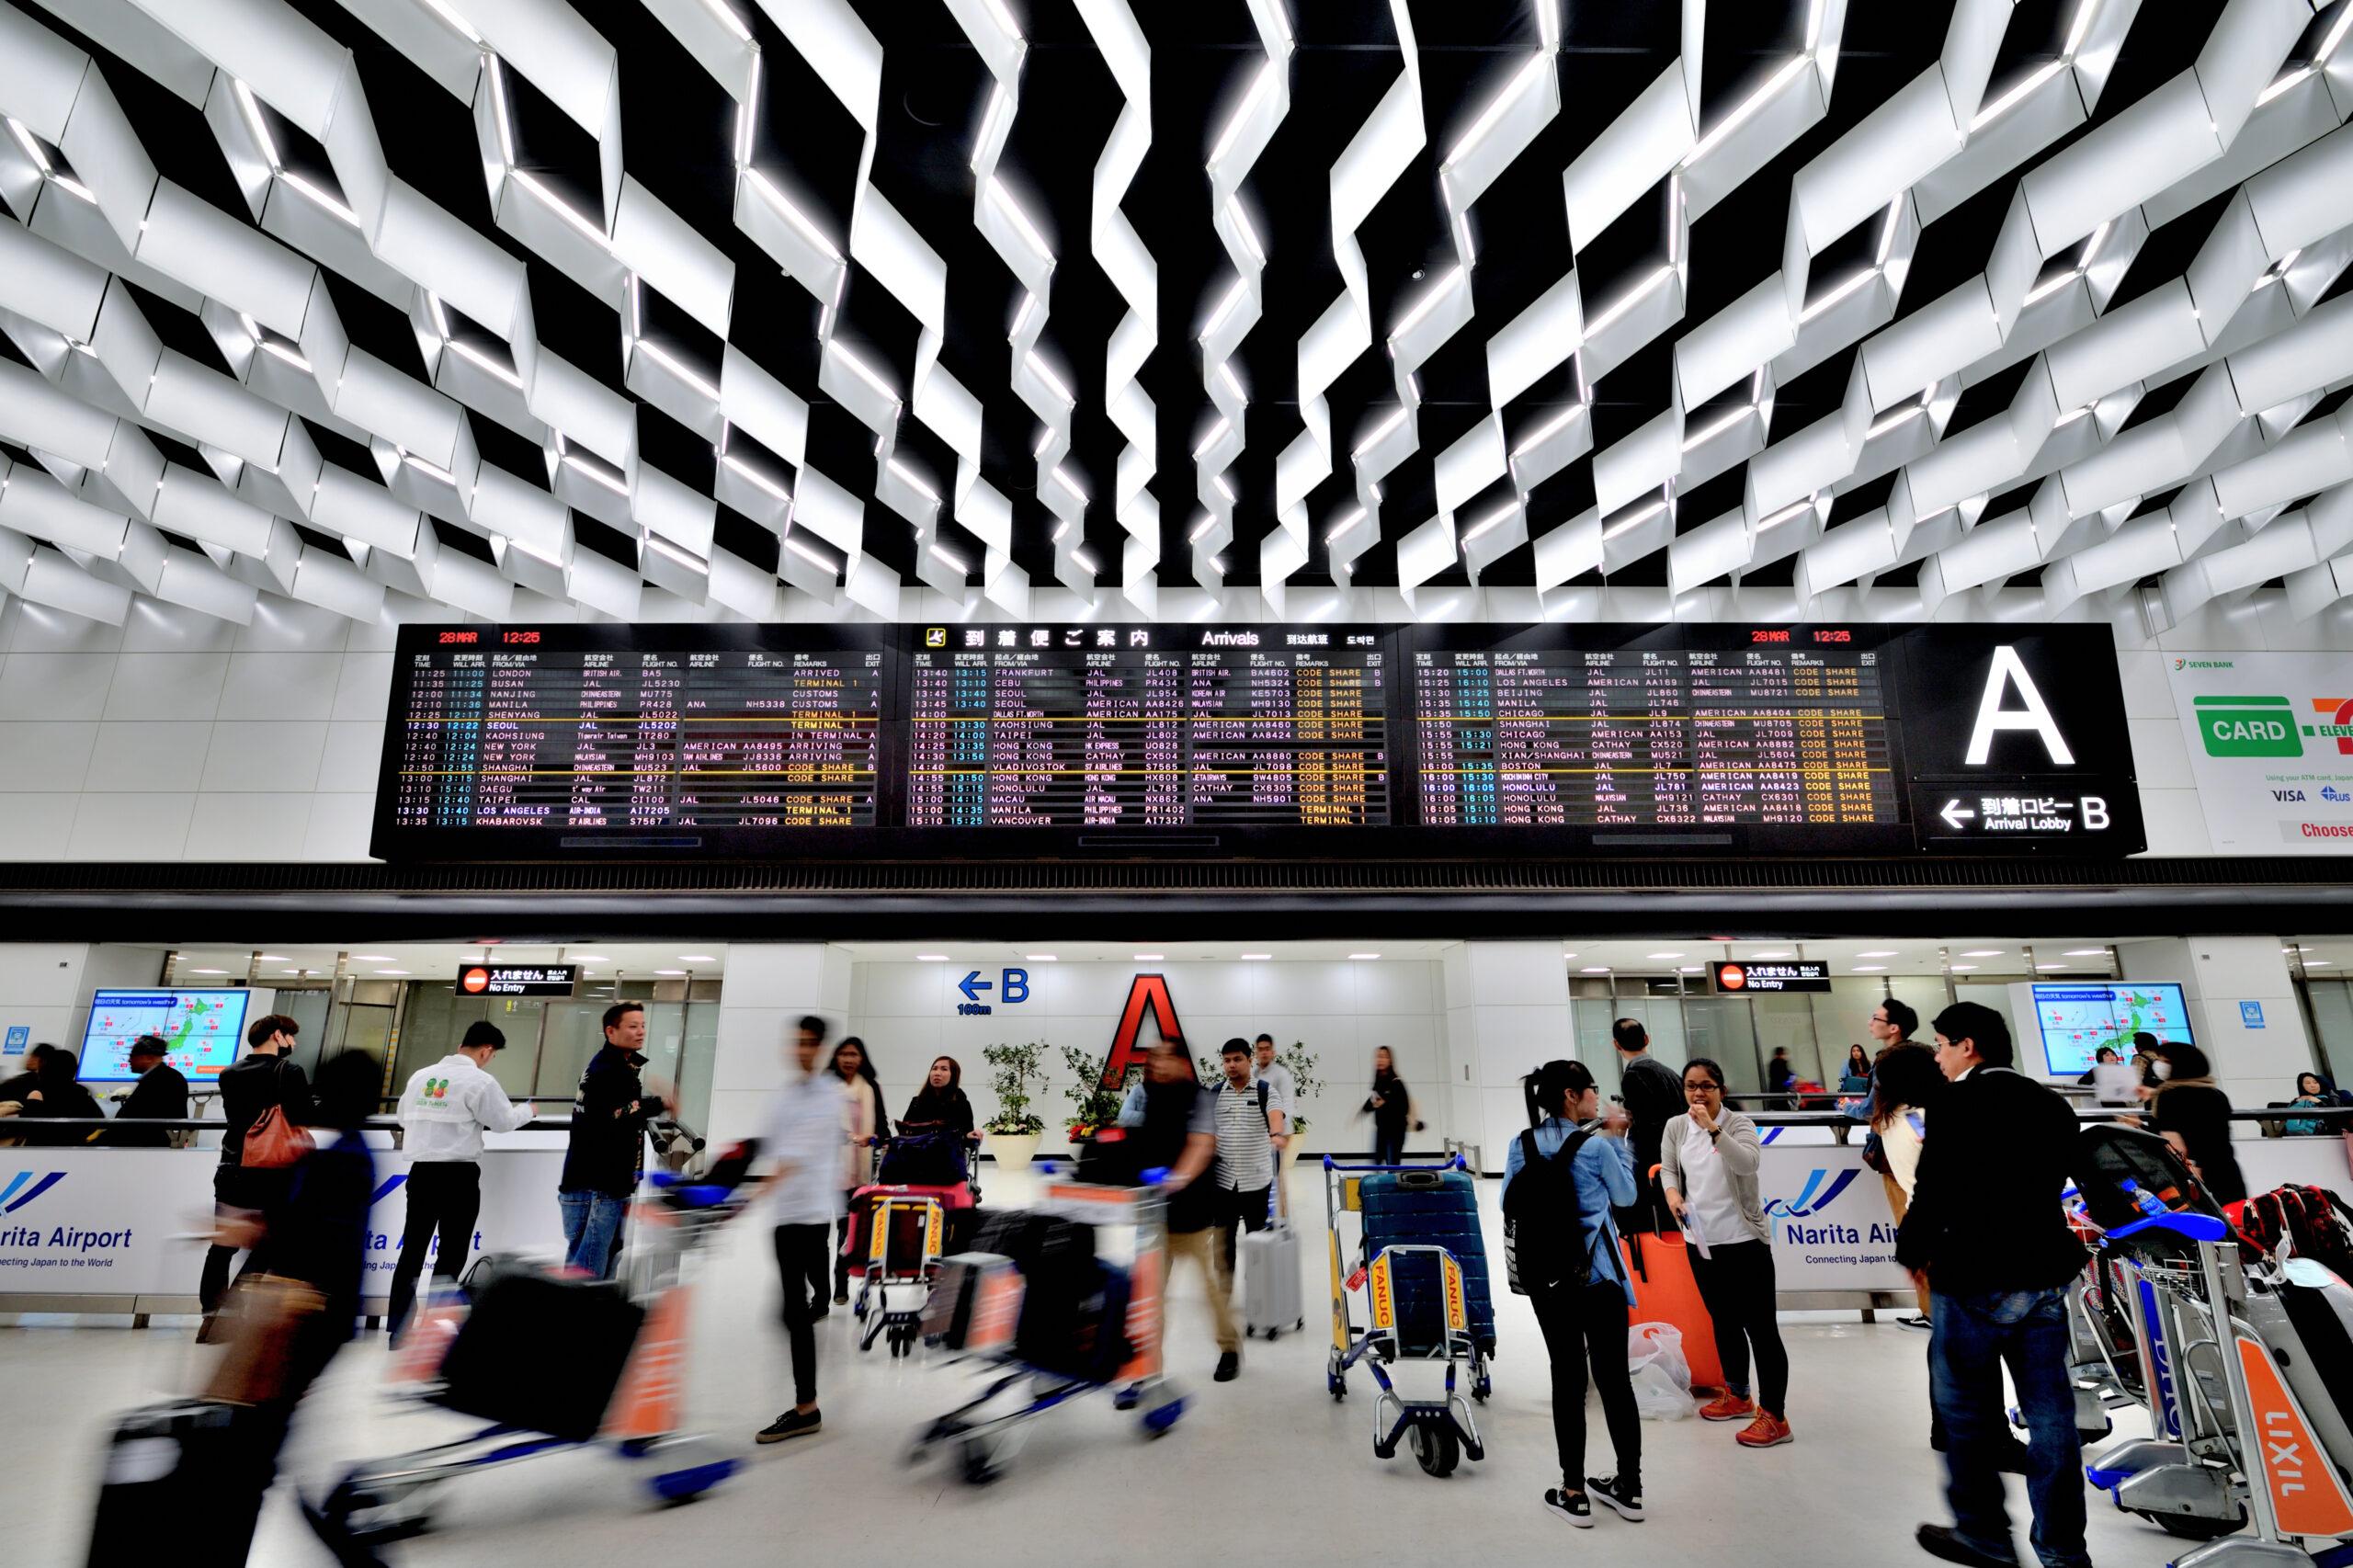 letiště Tokyo Narita zavádí novou technologii získávání zpětné vazby od cestujících